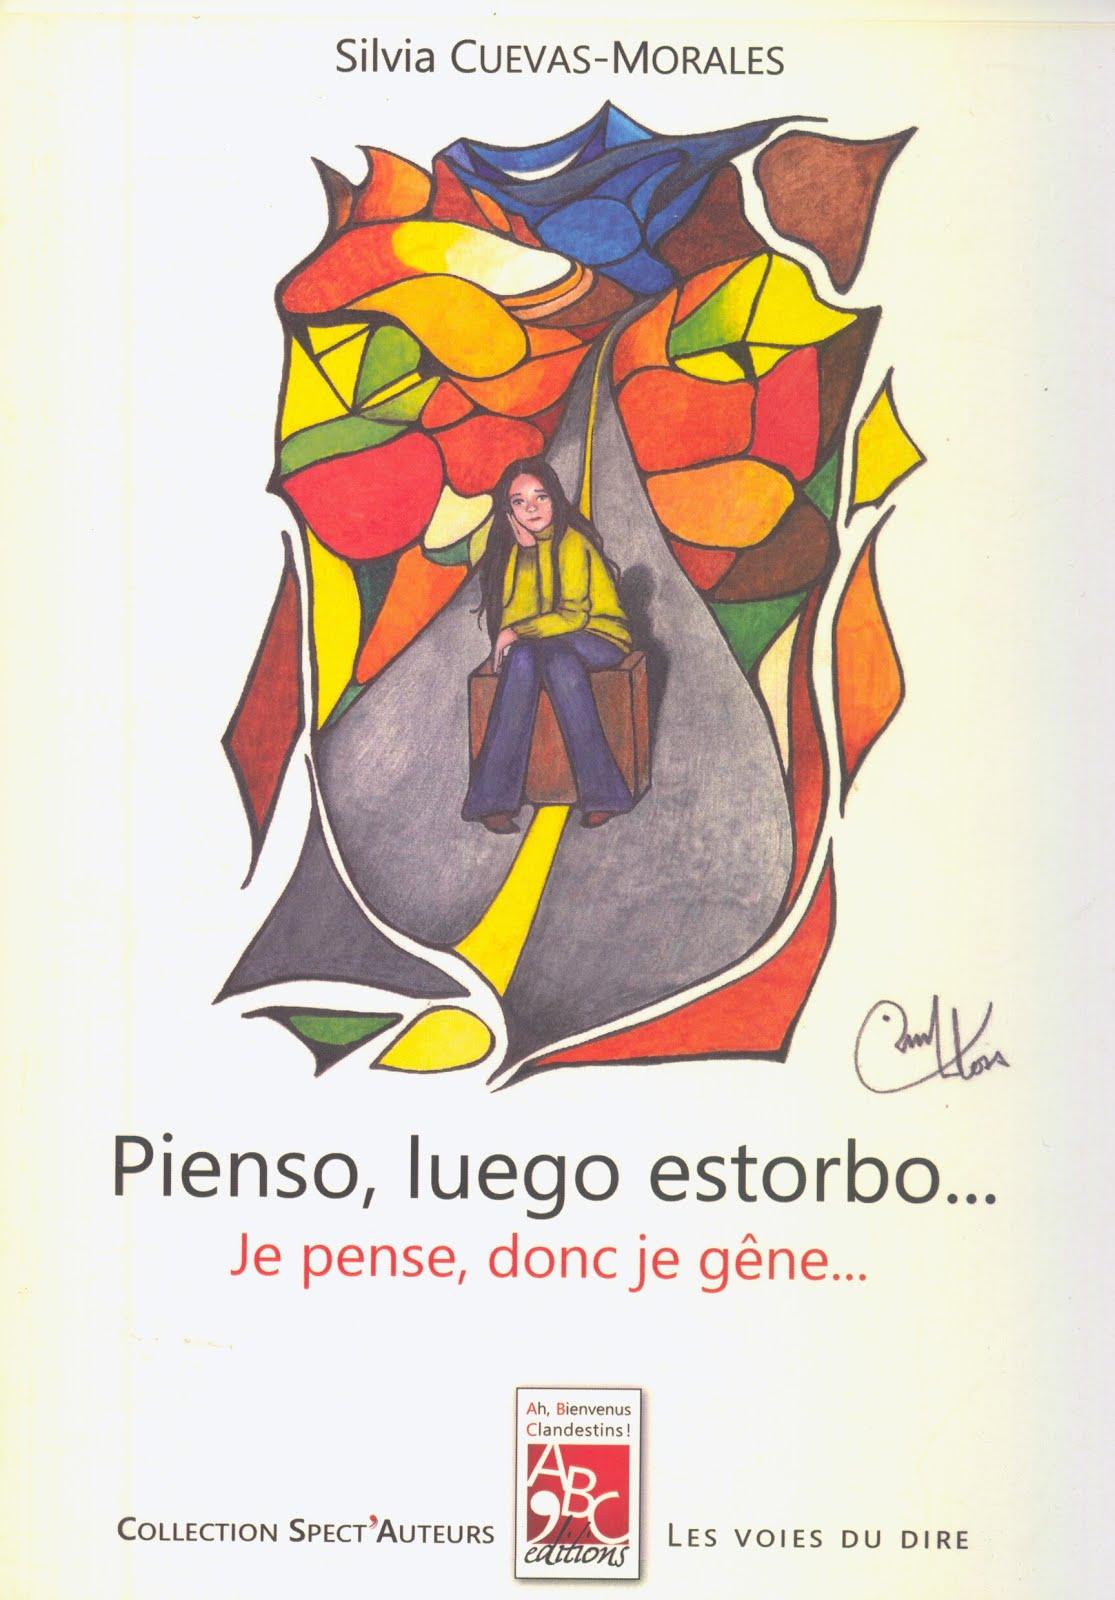 PIENSO, LUEGO ESTORBO...